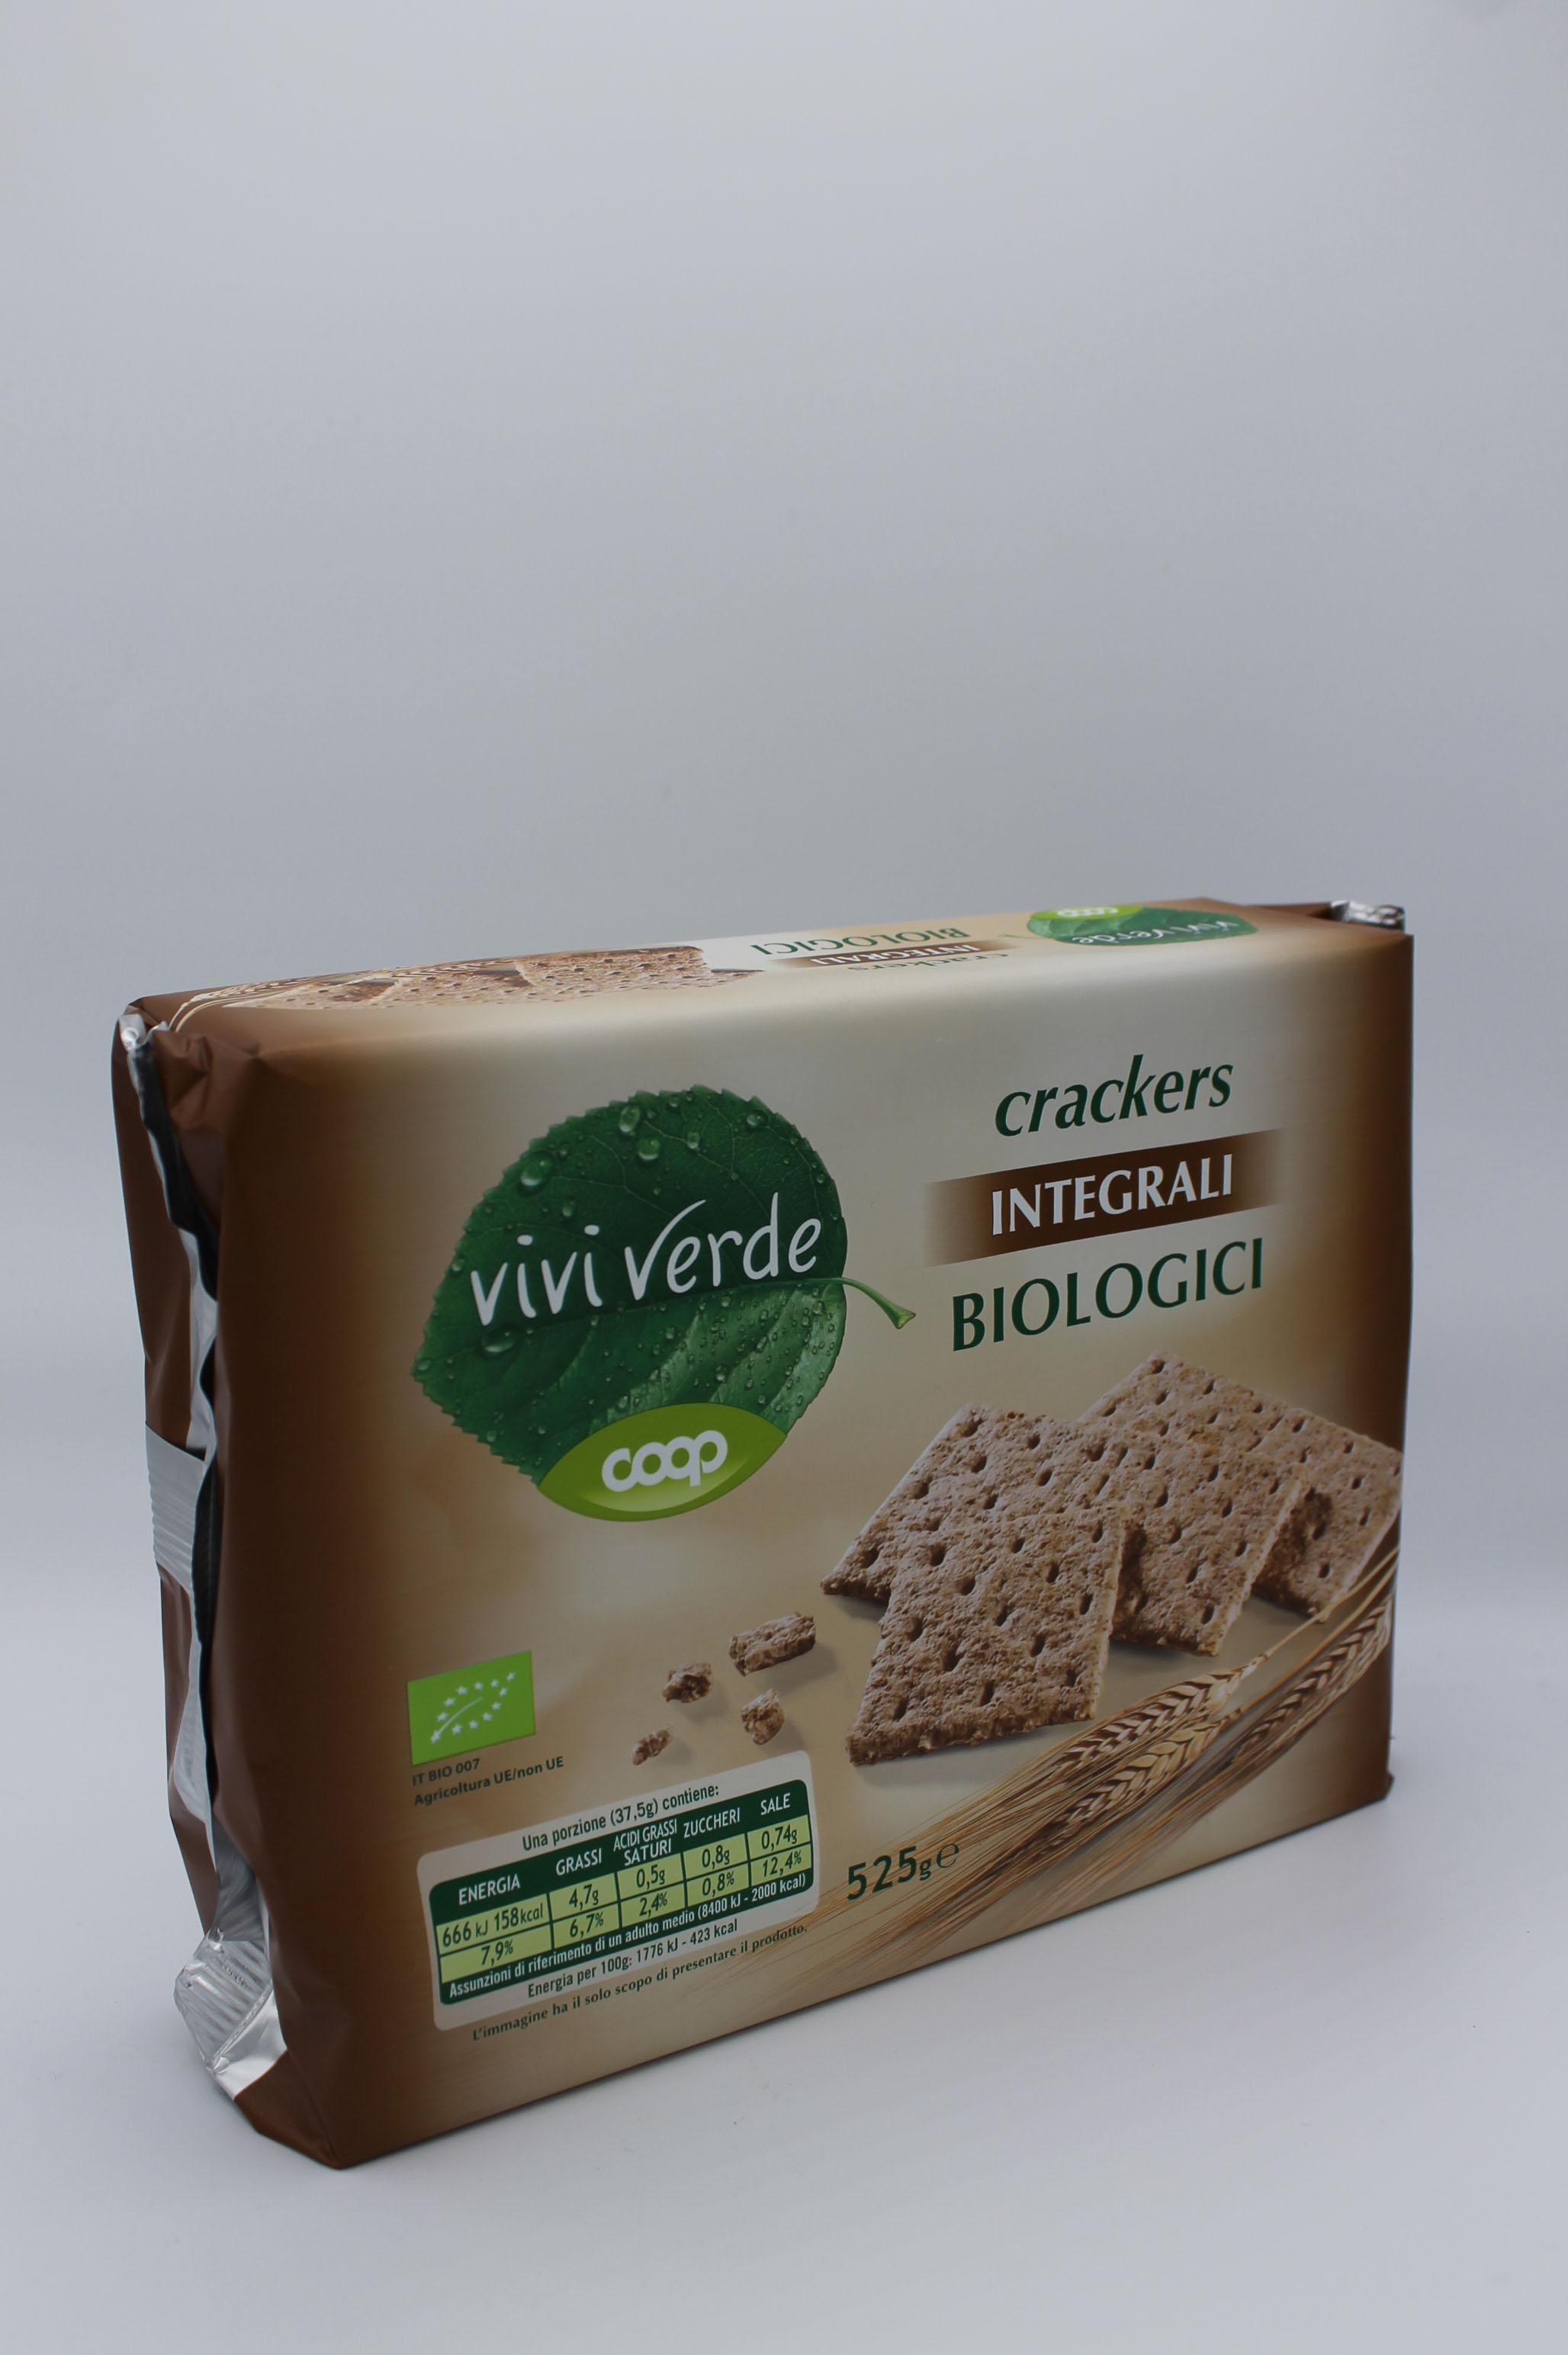 Coop viviverde crackers integrali bio 525 gr.